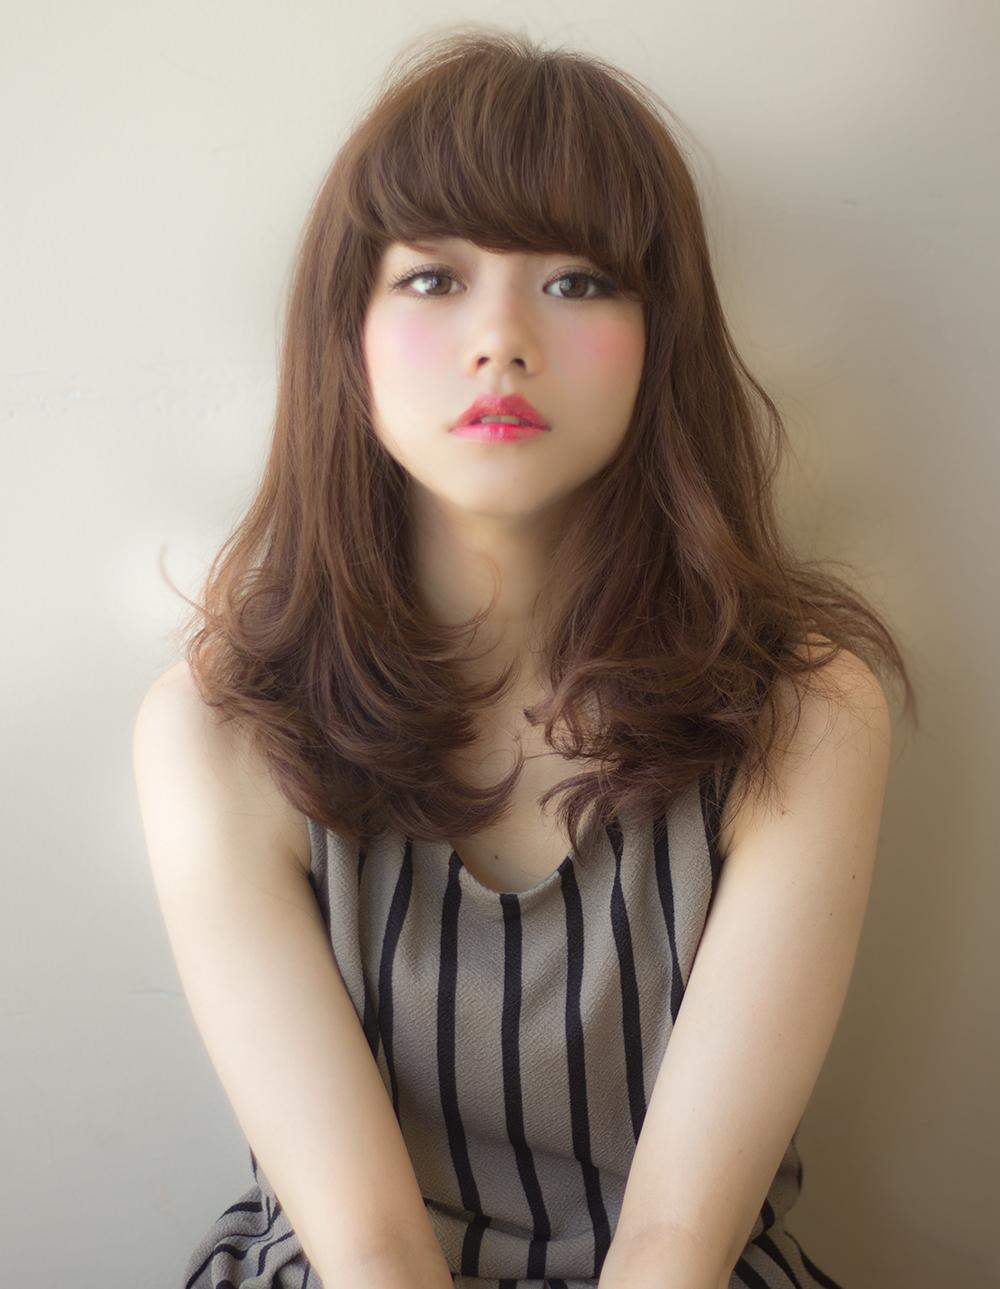 前髪にパーマをかけると可愛いです!オシャレ度アップします!のサムネイル画像